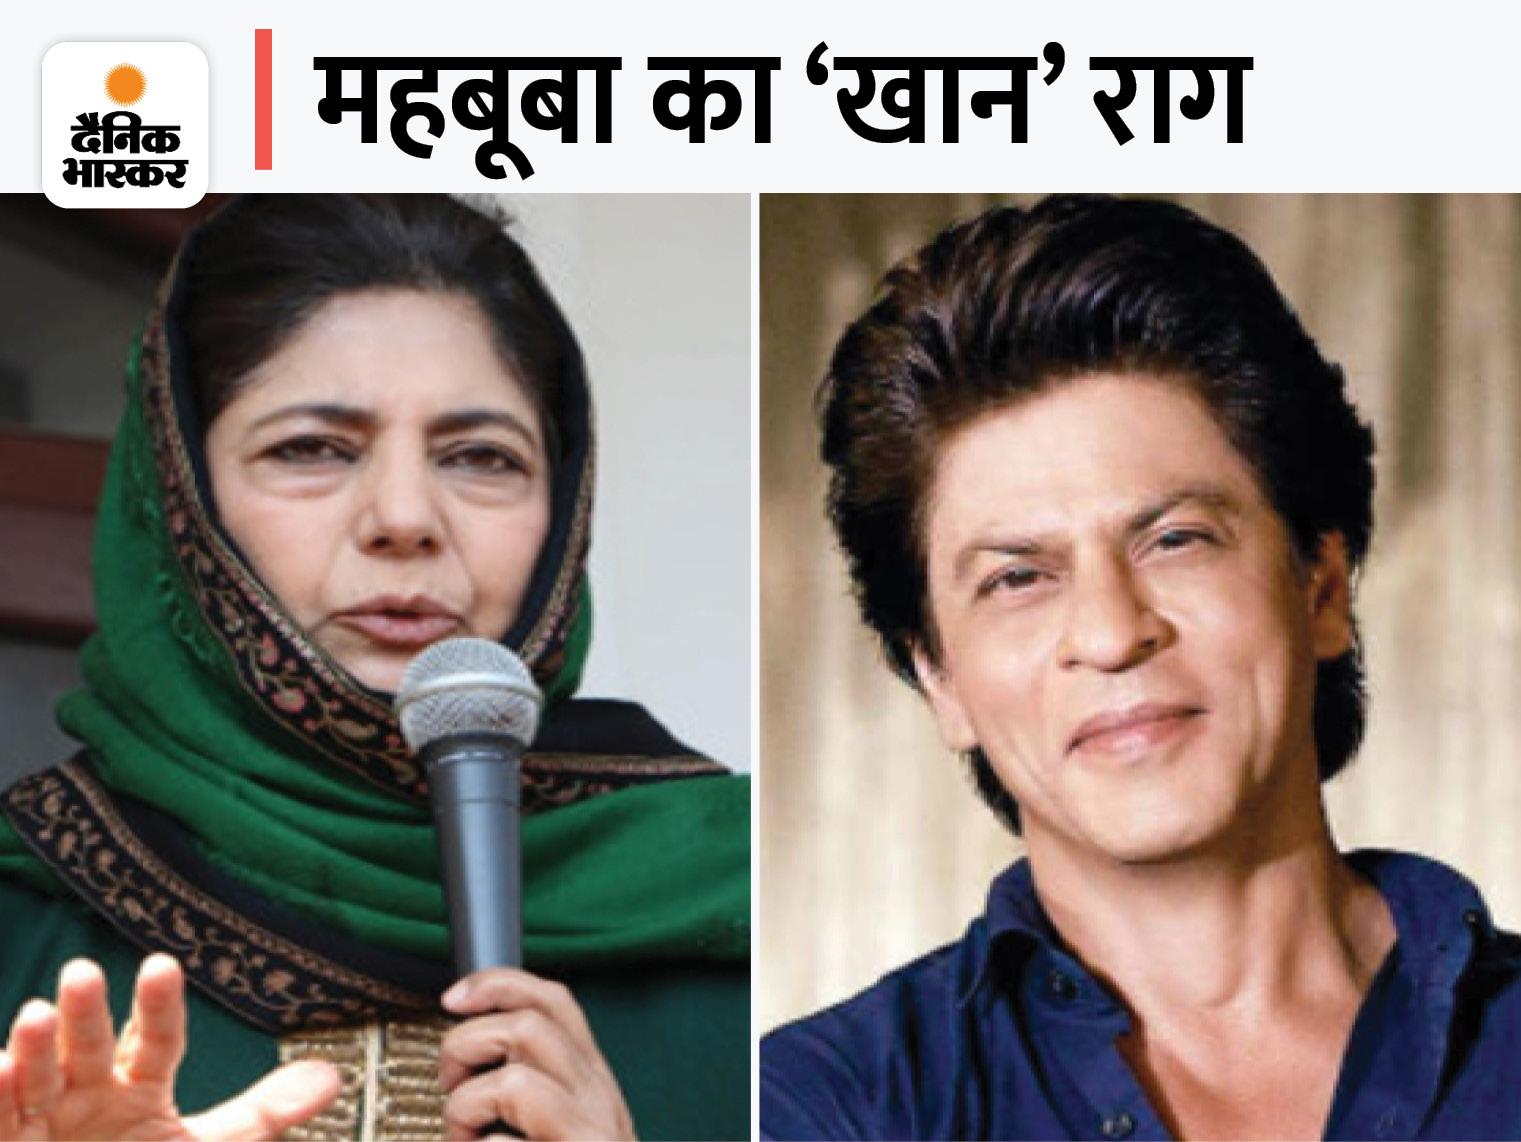 महबूबामुफ्ती पर FIR दर्ज; जम्मू-कश्मीर की पूर्व CM ने कहा था- आर्यन का सरनेम खान नहीं होता तो दिक्कतें नहीं होती|देश,National - Dainik Bhaskar